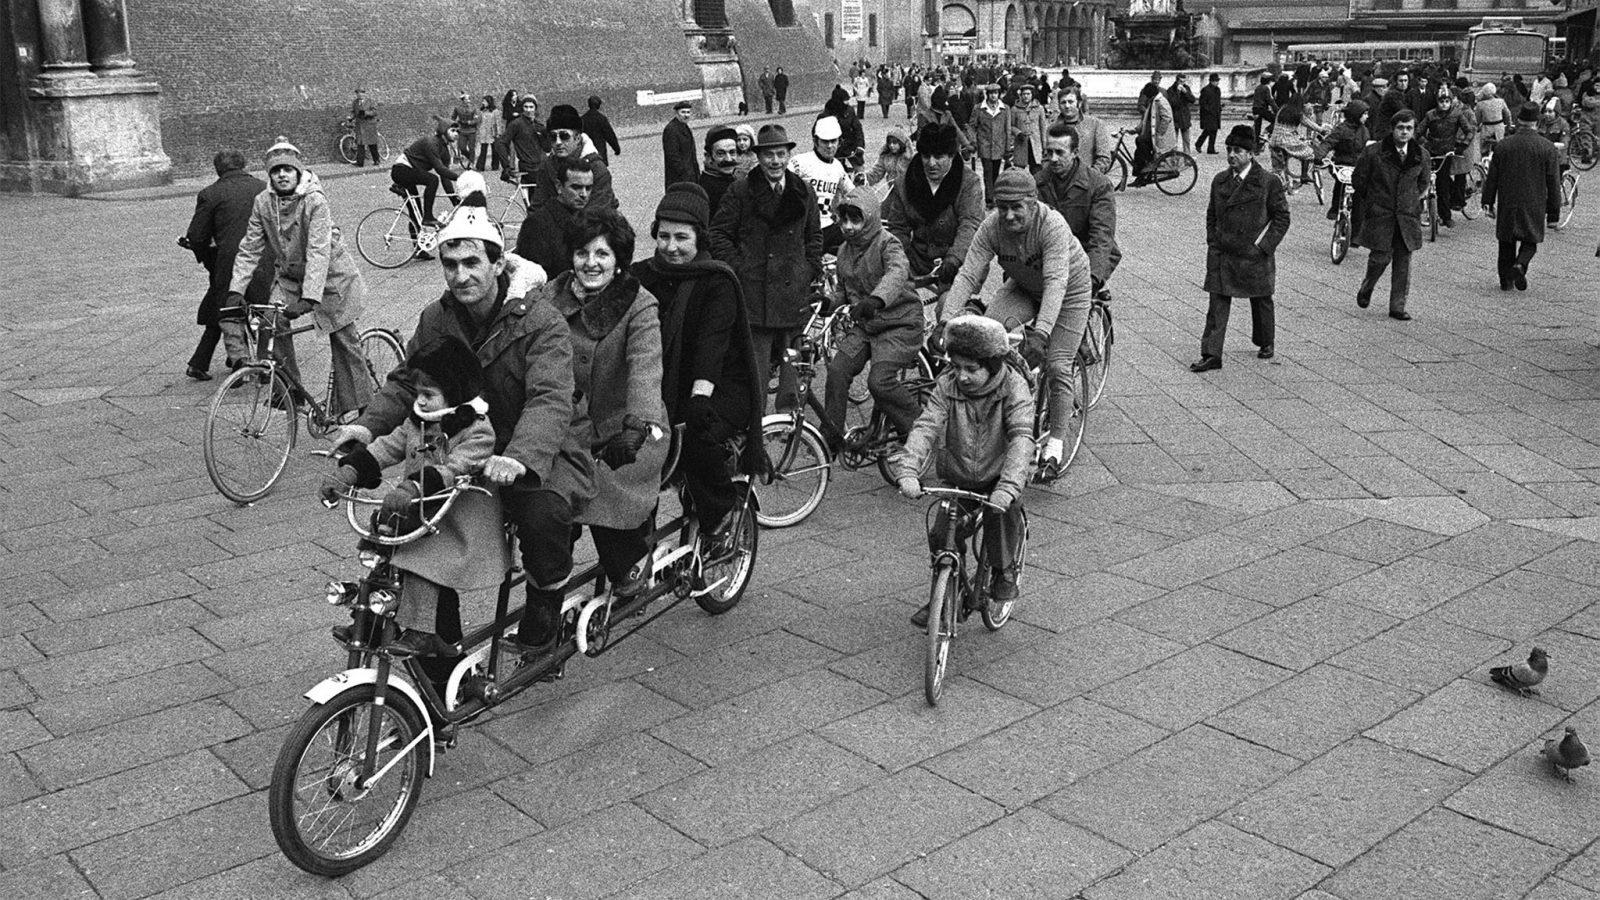 Con la crisi petrolifera, irrompono sulla scena biciclette, tandem, risciò, pattini (fonte: Ansa, La strada racconta, 2018)